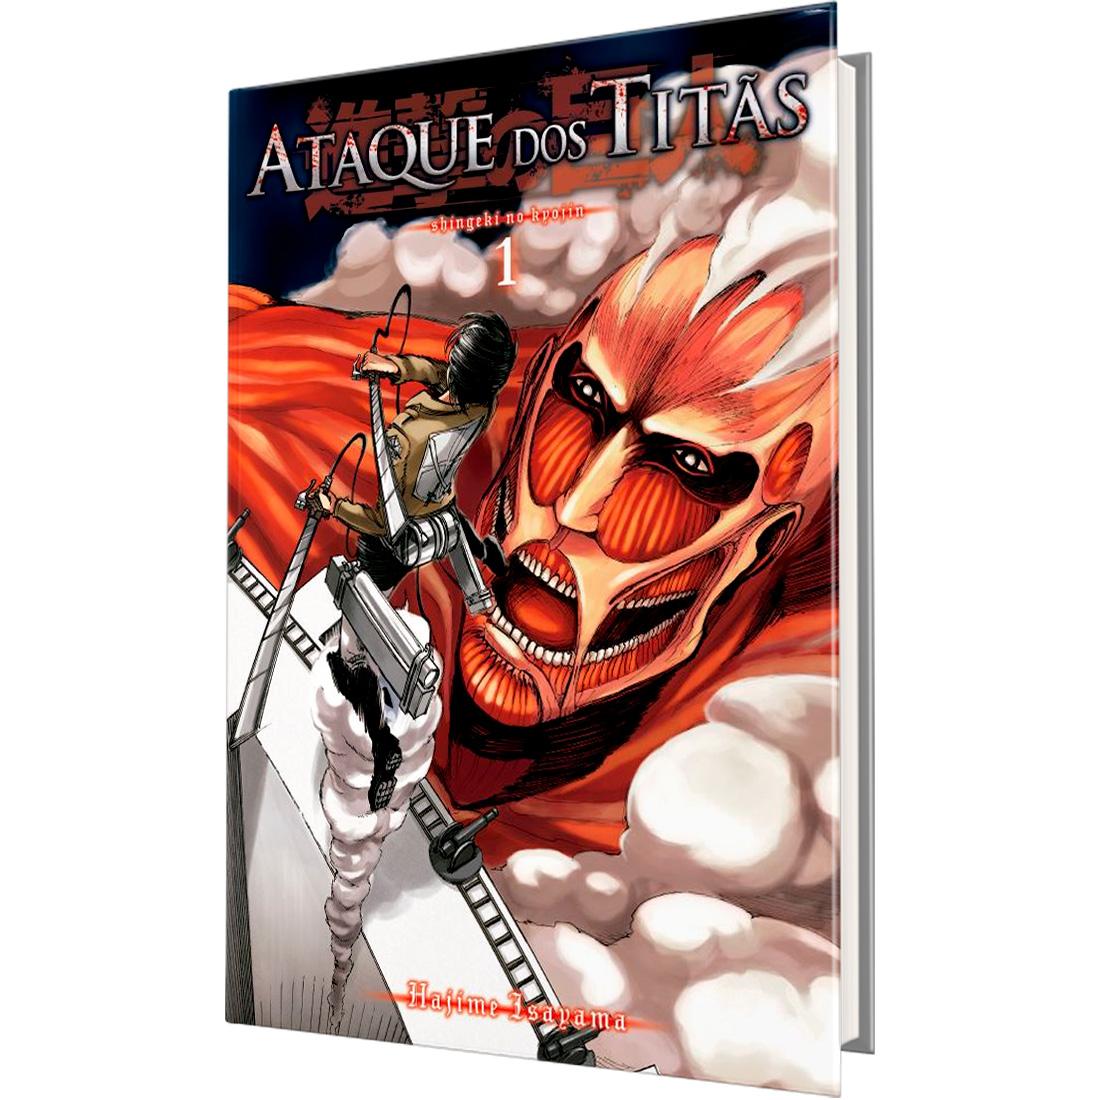 Ataque dos Titãs Vol. 1